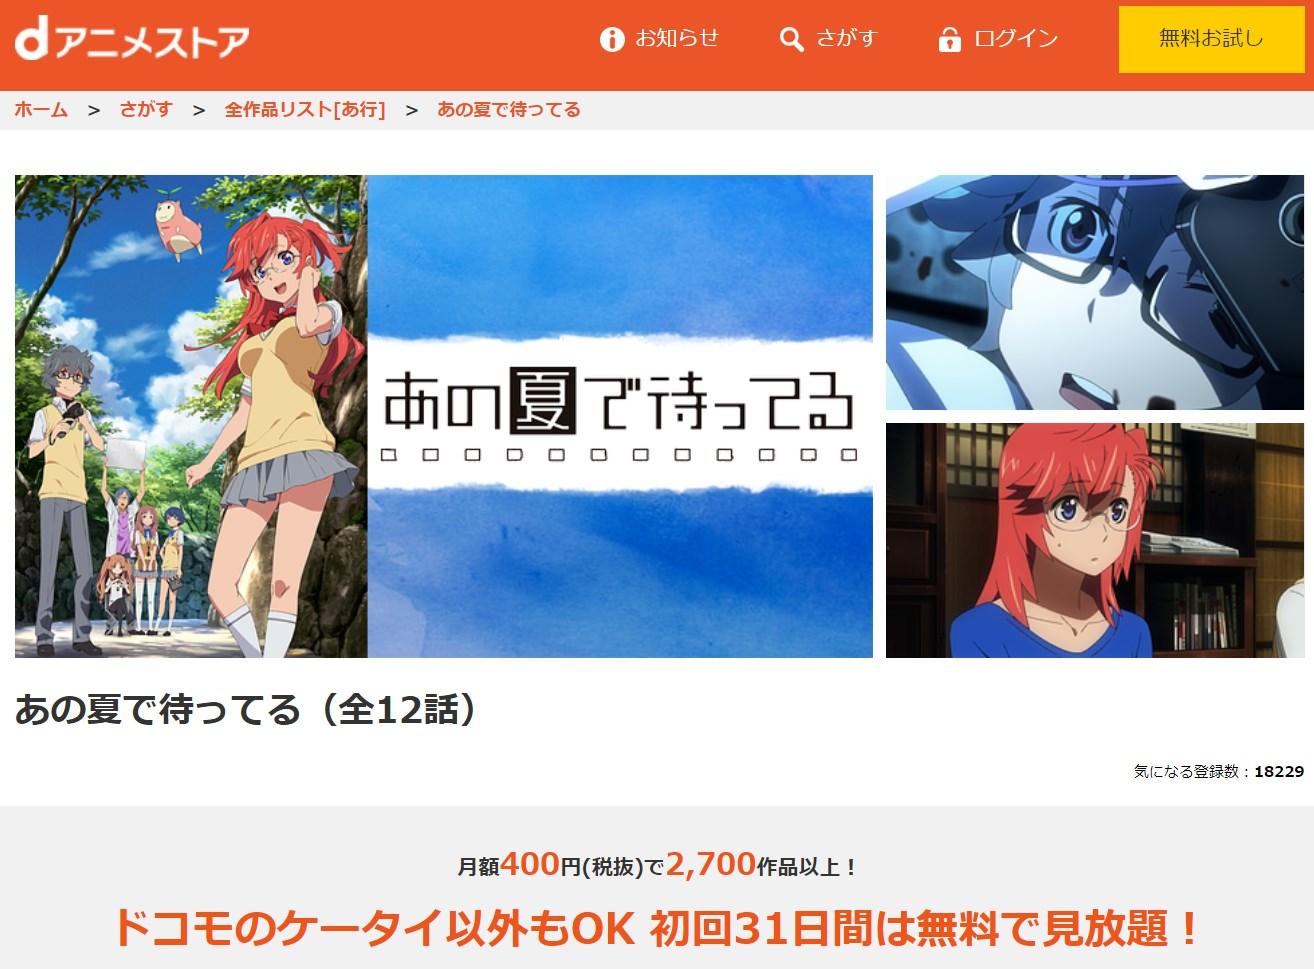 「あの夏で待ってる」の動画!全話高画質で視聴できる動画配信サービスdアニメストア